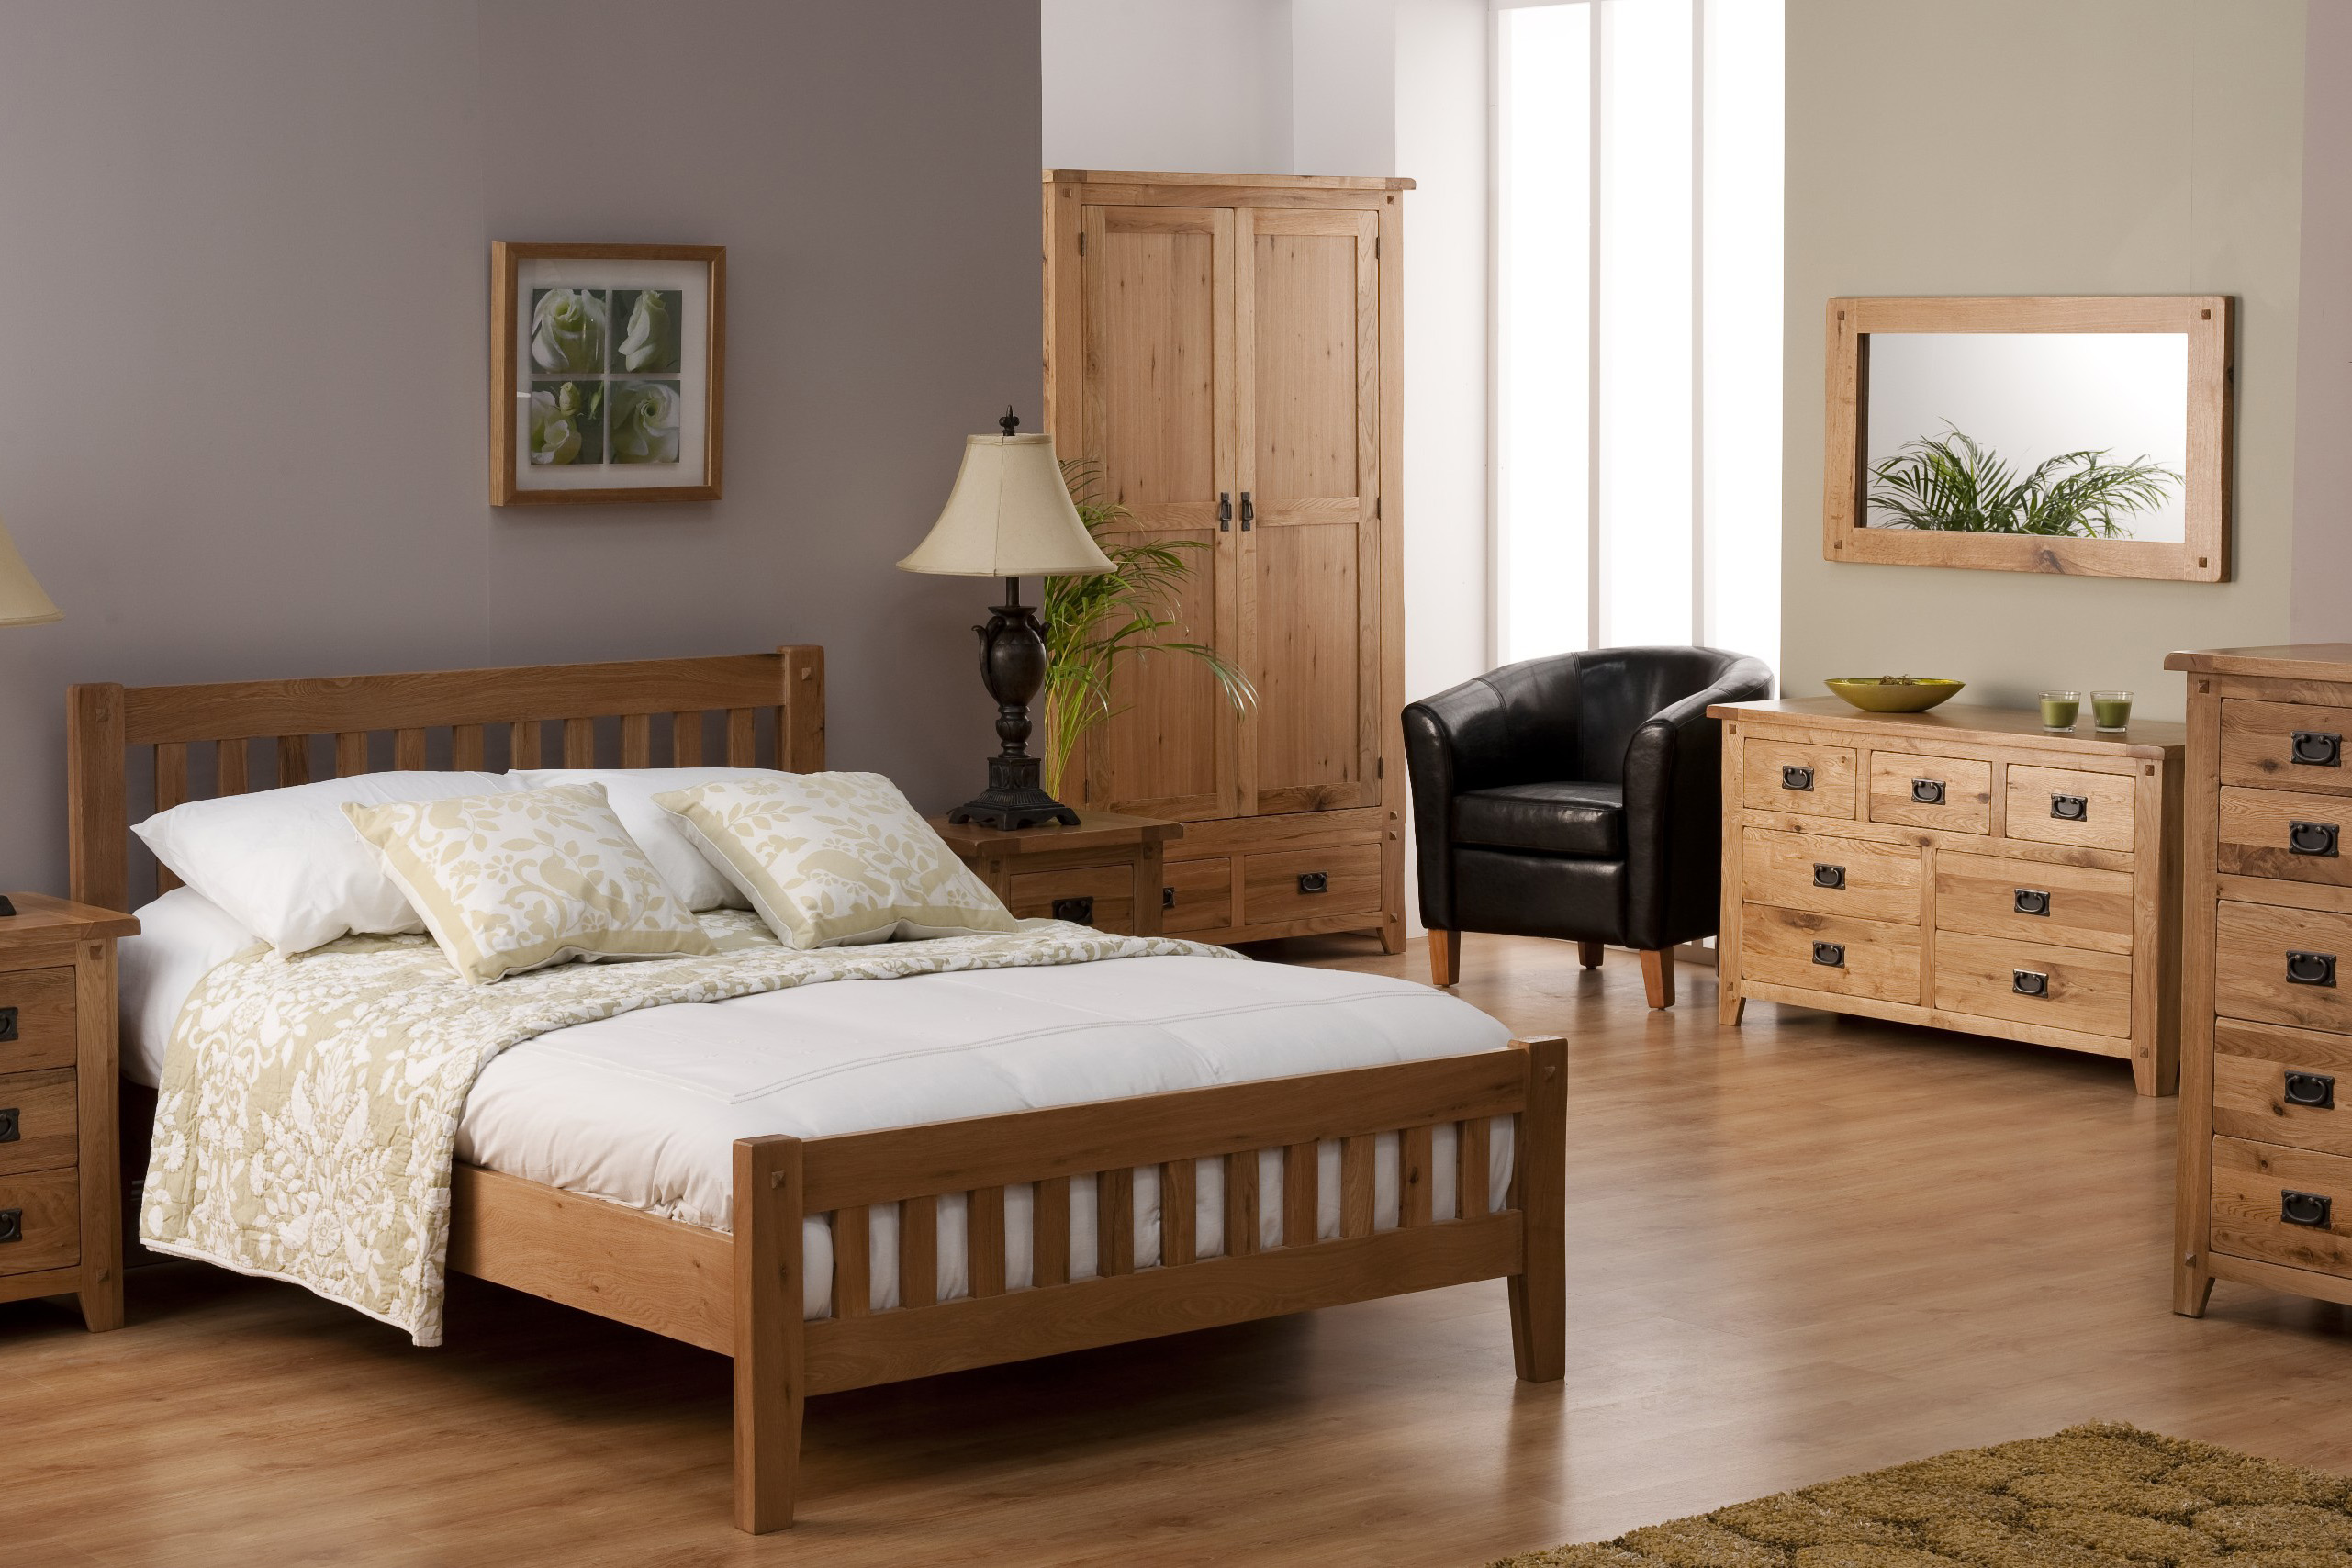 enorm-billede-af-en-værelses-til-din-hjem-dekoration-planner-med-billede-af-en-soveværelse